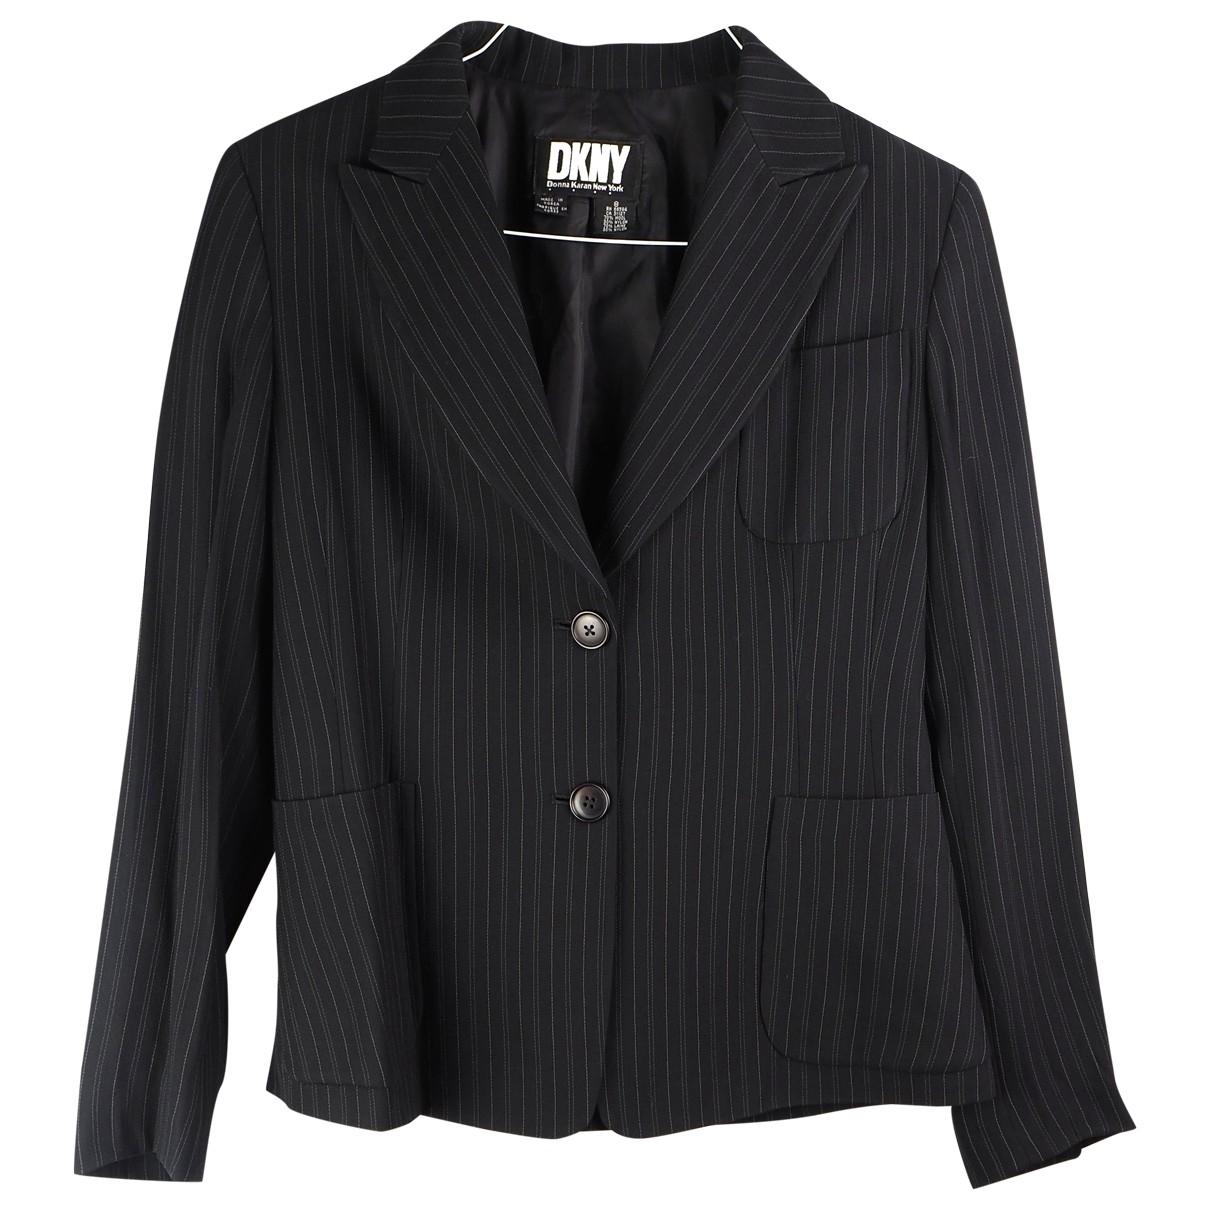 Dkny - Veste   pour femme en laine - noir